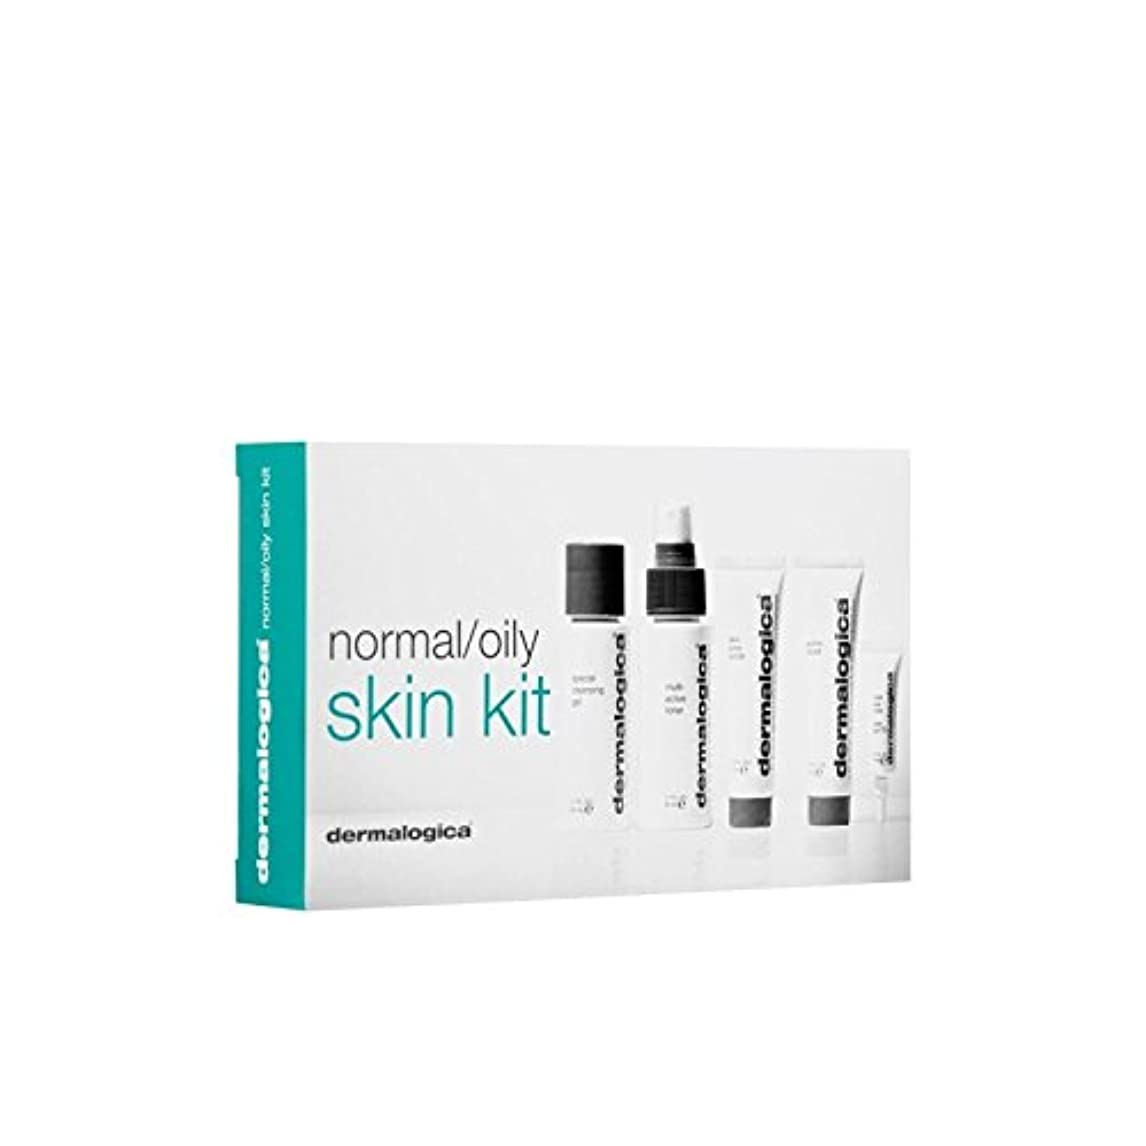 コンドーム時計ラフ睡眠Dermalogica Skin Kit - Normal/Oily (5 Products) (Pack of 6) - ダーマロジカスキンキット - ノーマル/オイリー(5製品) x6 [並行輸入品]